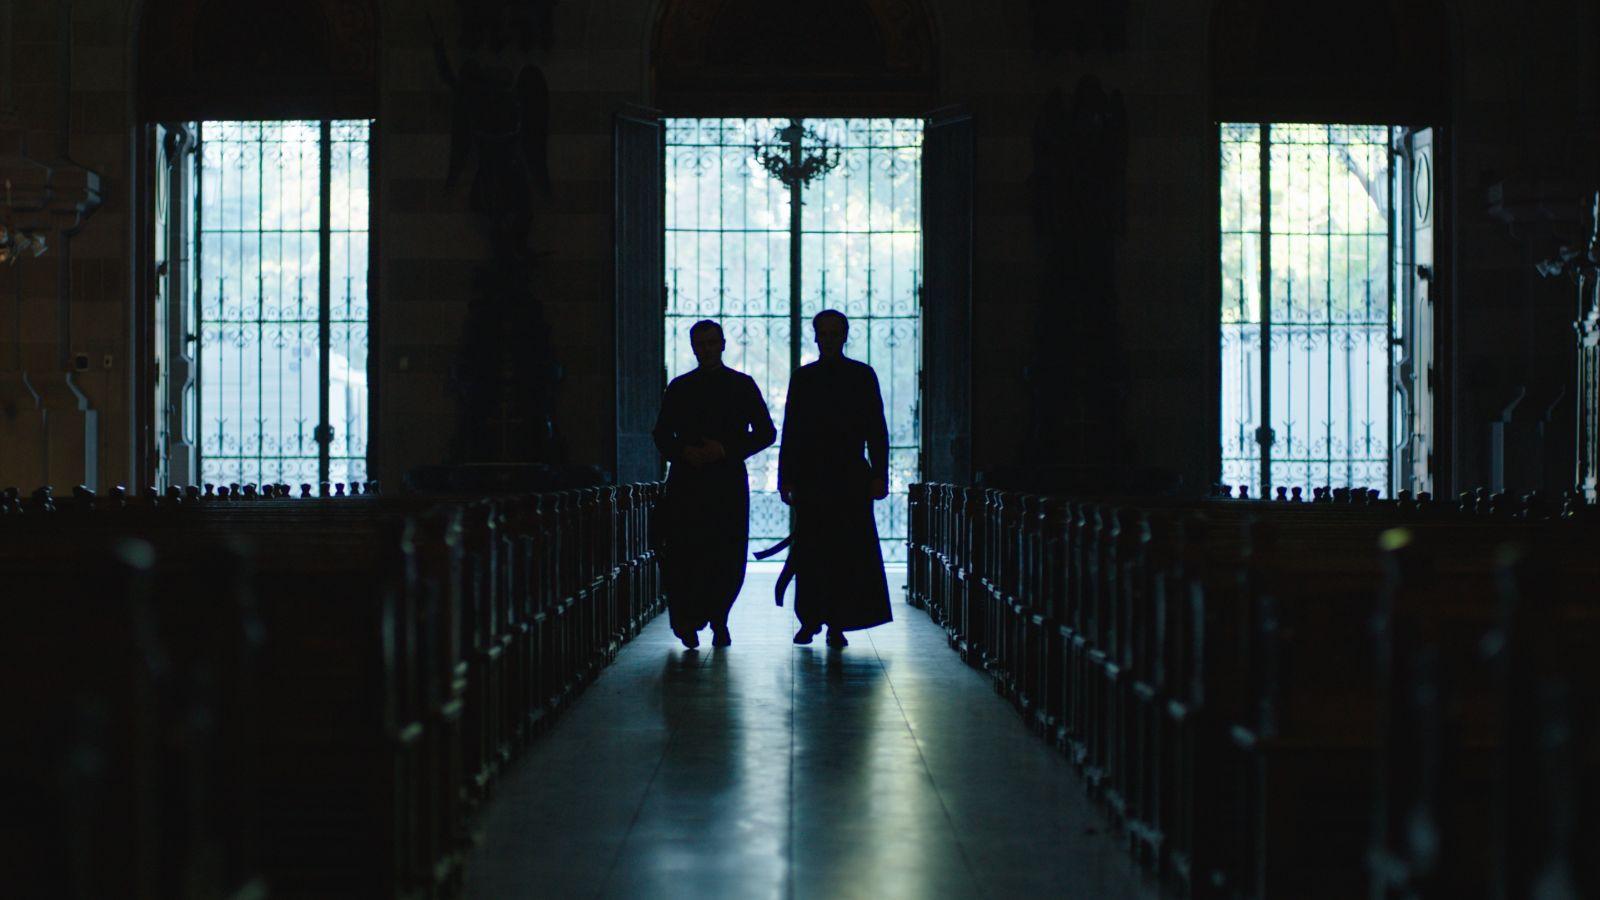 Chiamatemi Francesco - Il Papa della gente: un'inquadratura del film di Luchetti